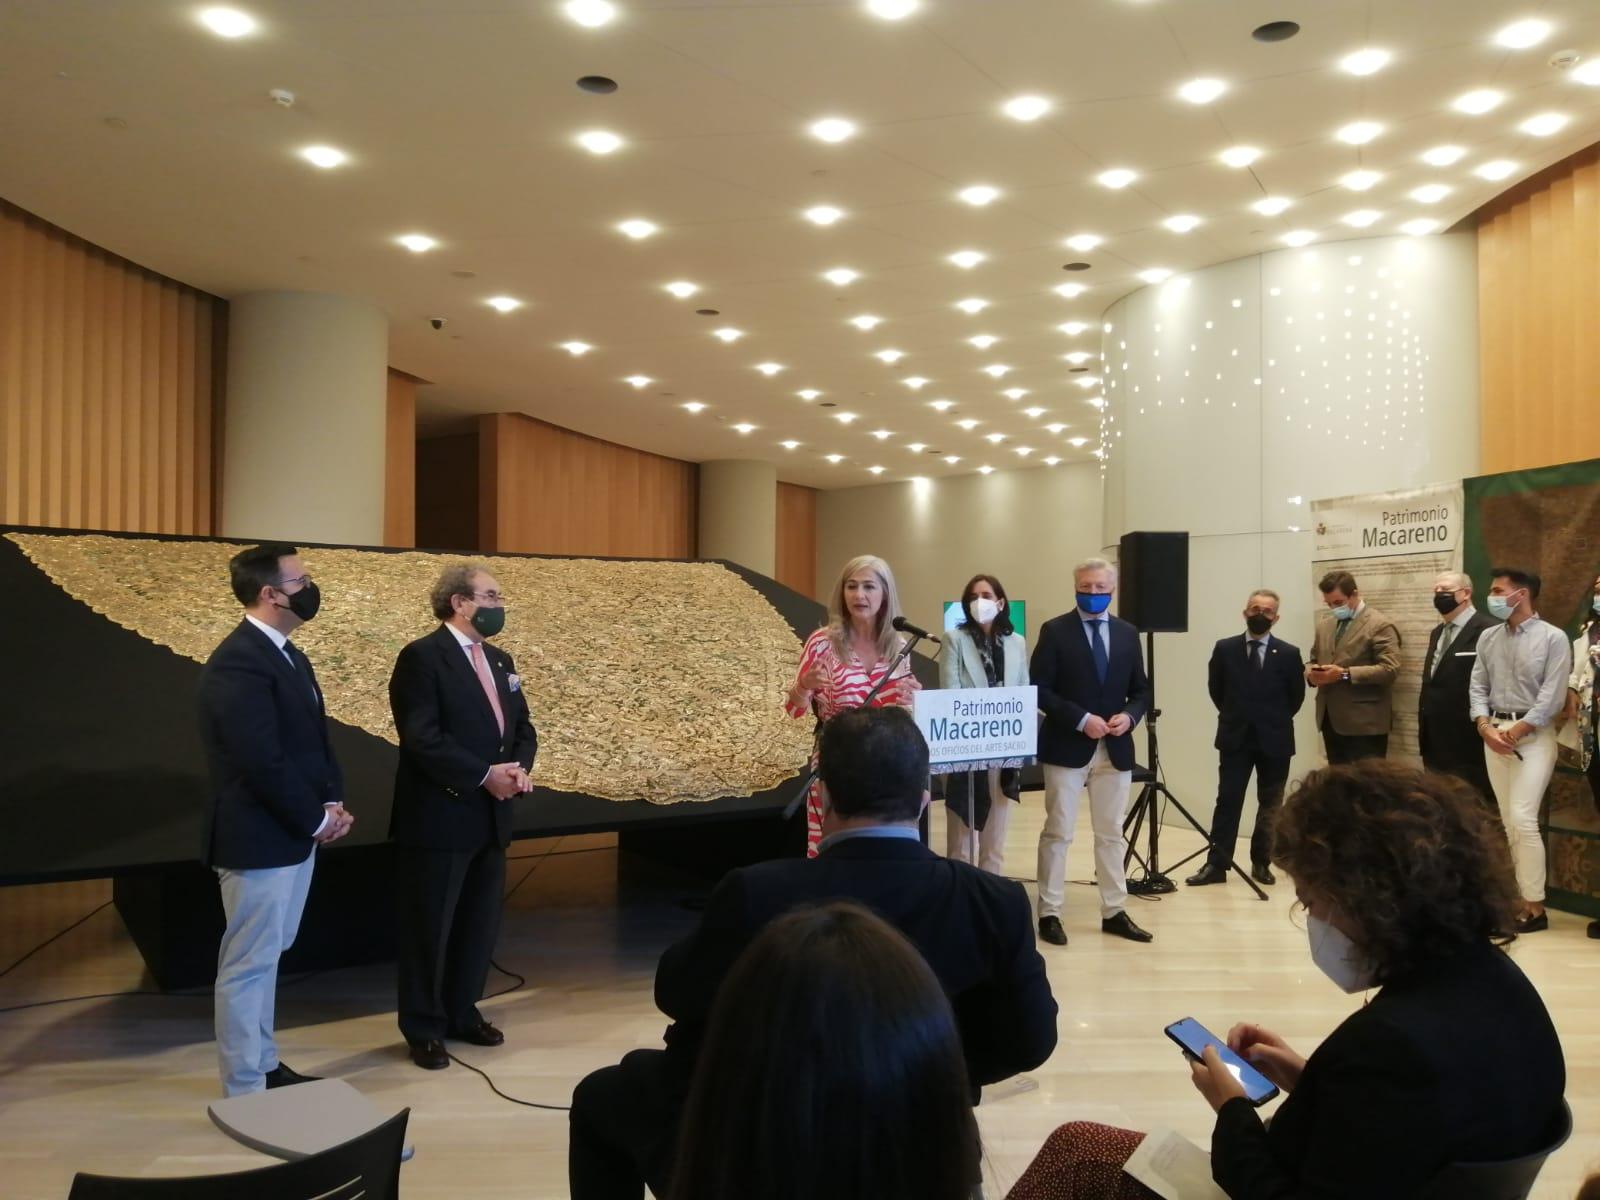 La Hermandad de la Macarena organiza la exposición «Patrimonio Macareno. Los oficios del arte sacro»